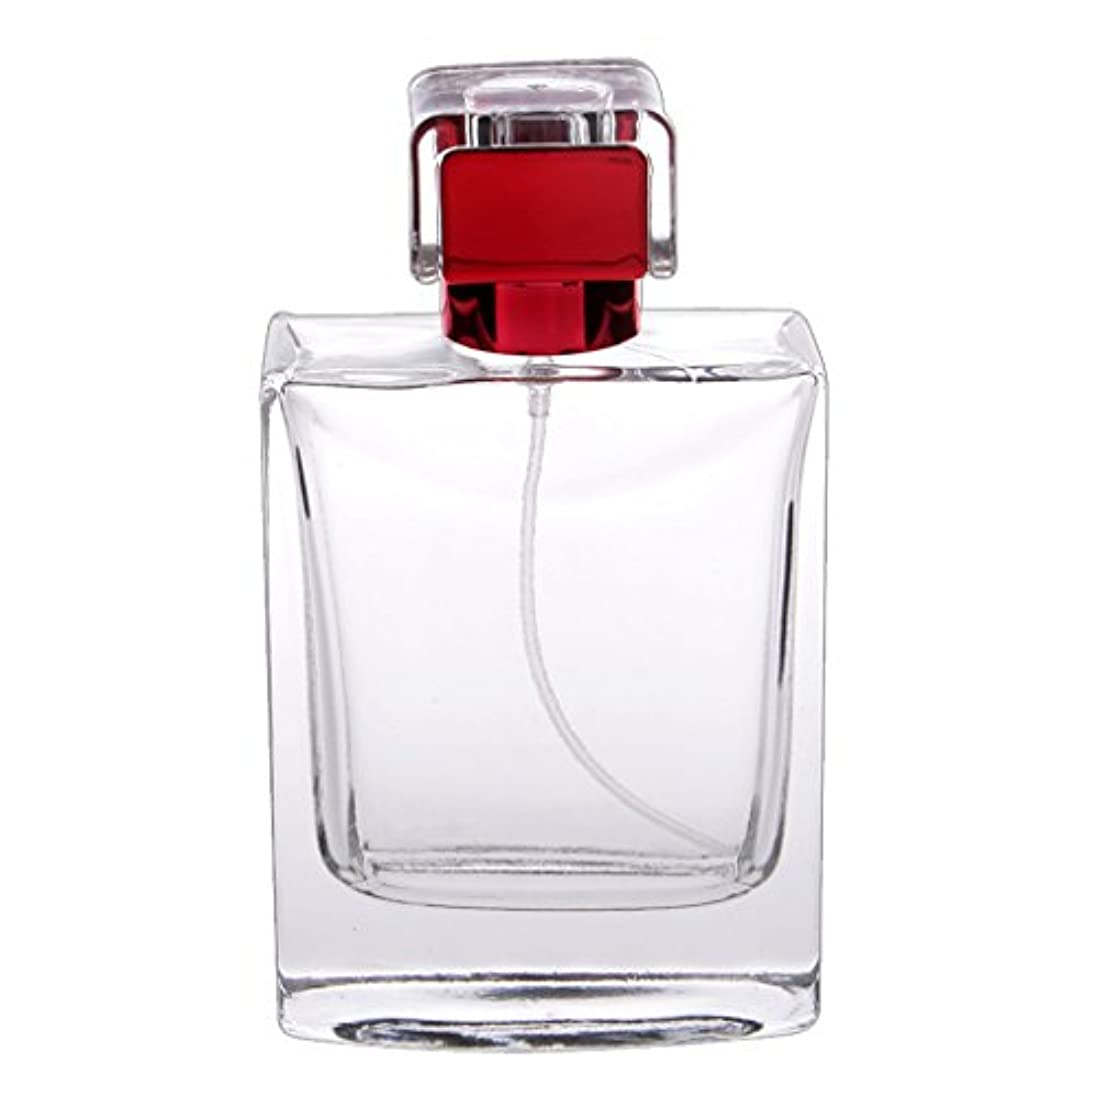 推定罰寄付するノーブランド品  100ml  矩形 香水瓶 スプレーボトル アトマイザー 詰め替え 旅行携帯便利  - 赤